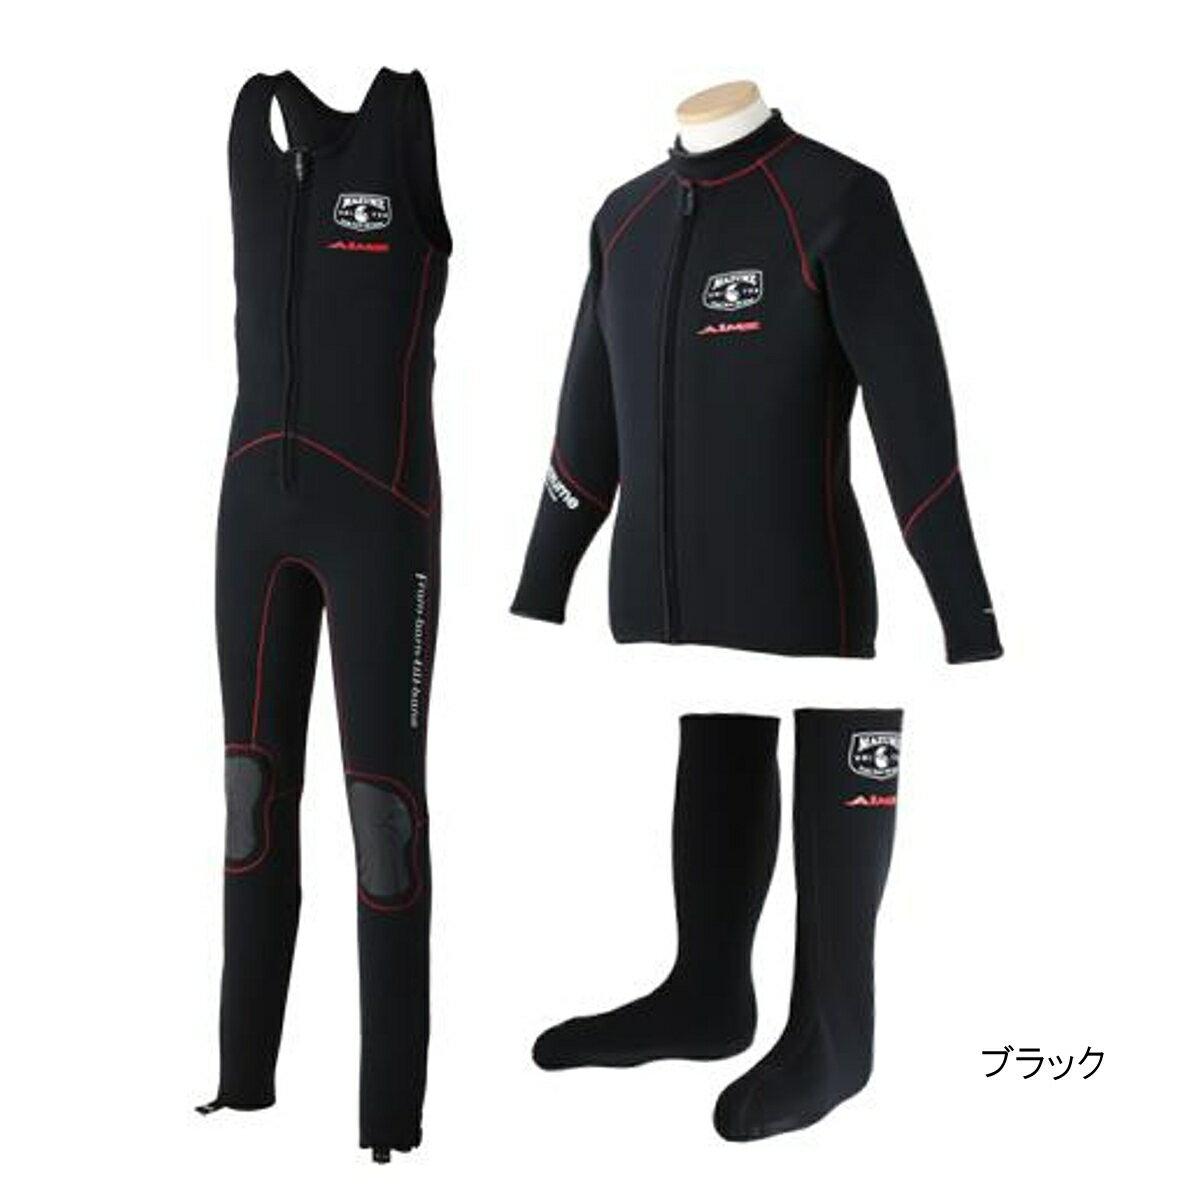 マズメ×エイムス ウェットスーツ3点セット MZWS-320 L ブラック【送料無料】